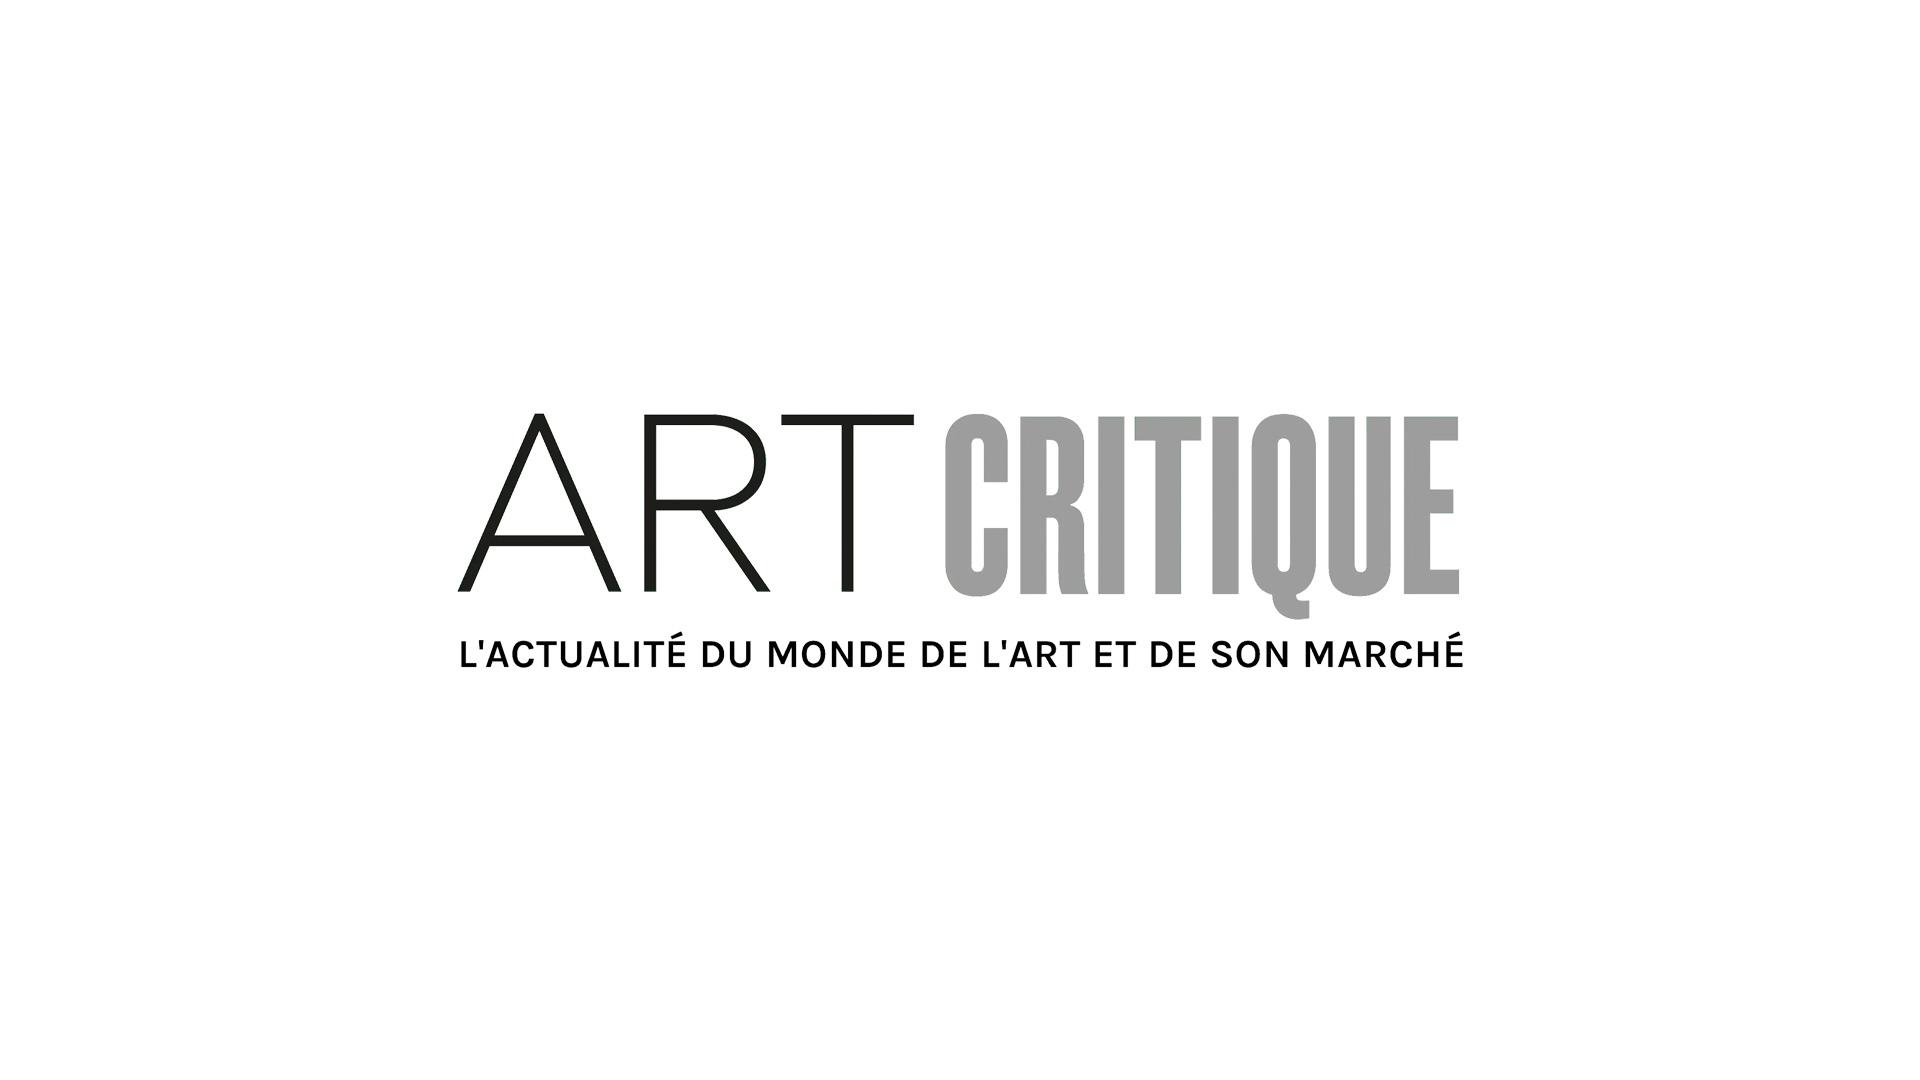 Hans Georg Berger, portraitiste amoureux